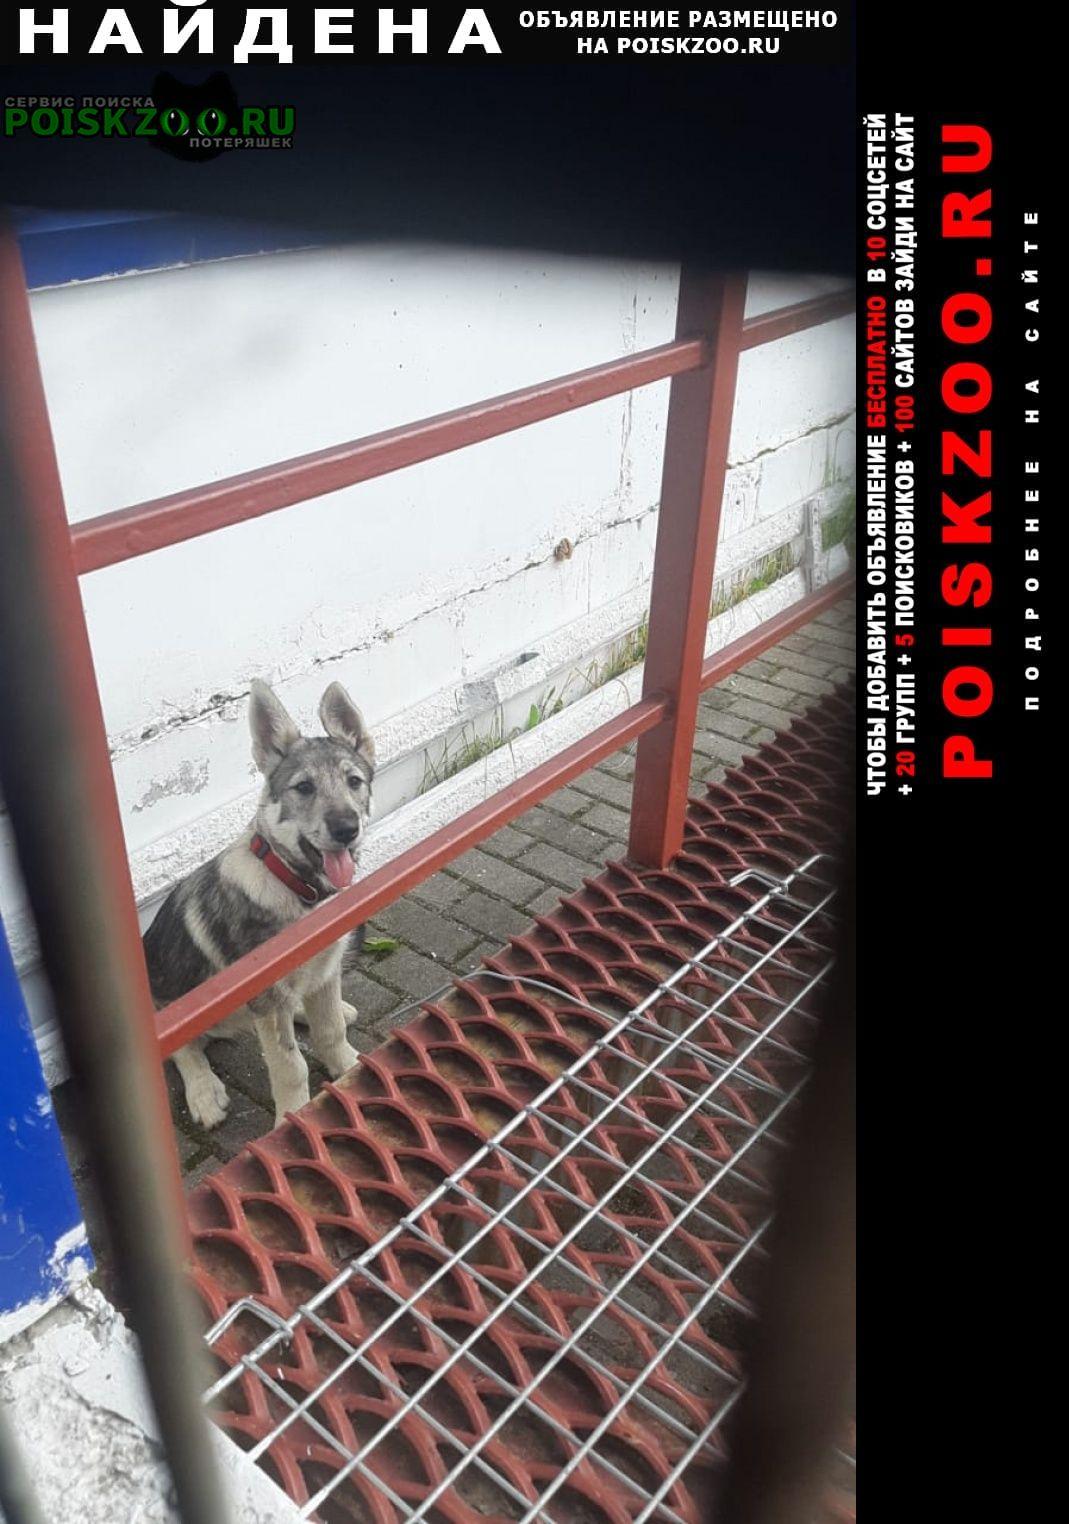 Найдена собака cос Тверь